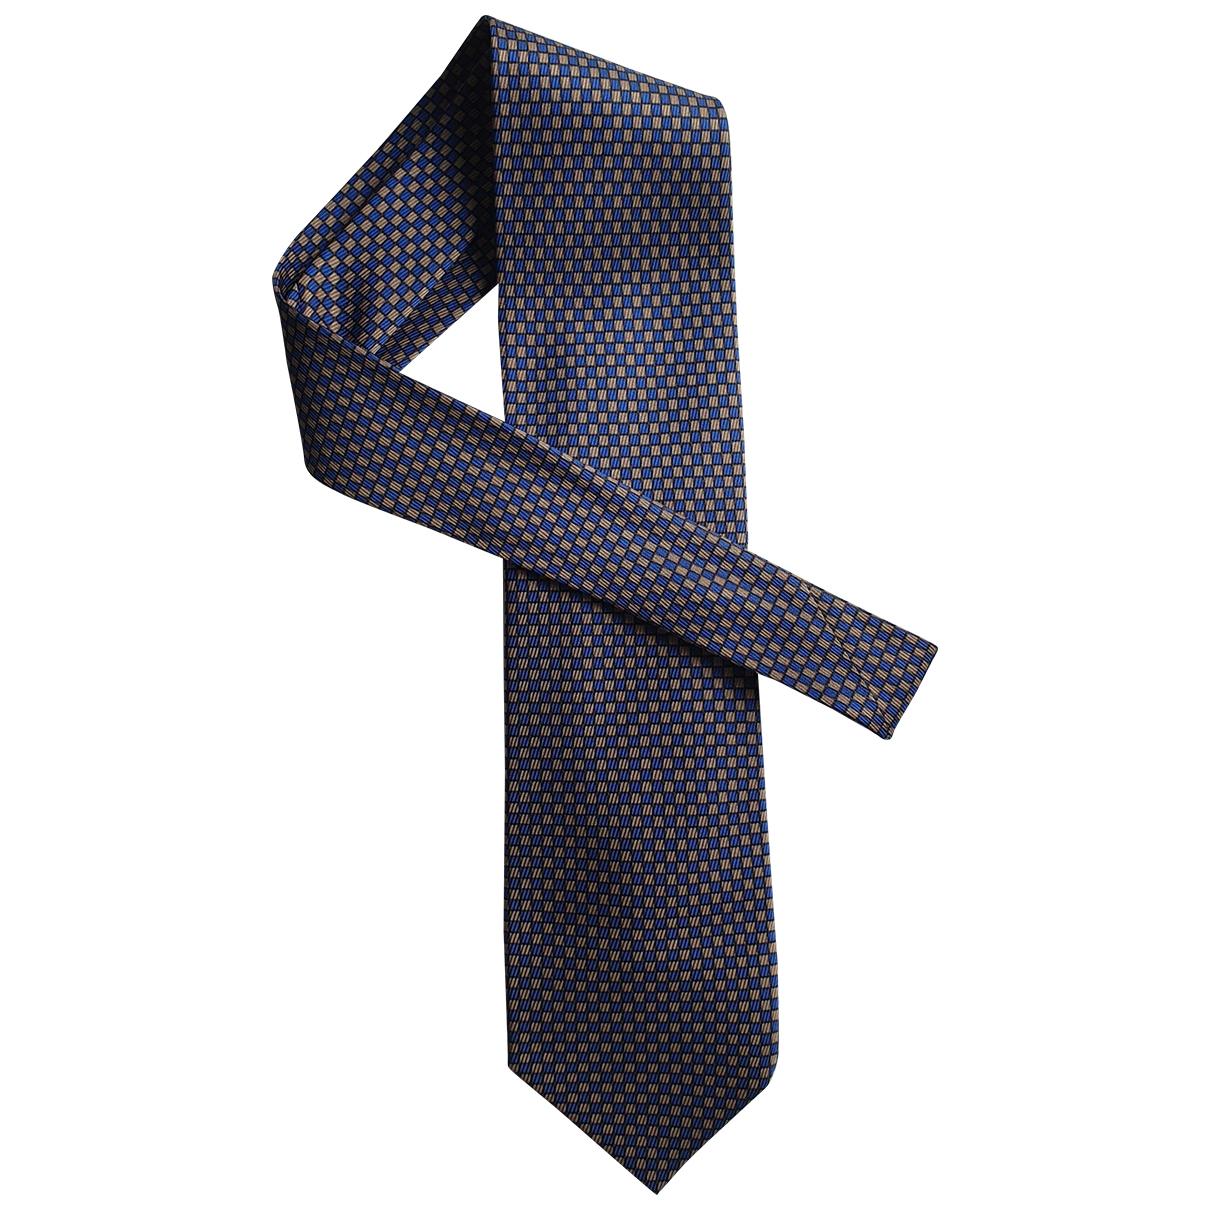 Corbata de Seda Gianfranco Ferre